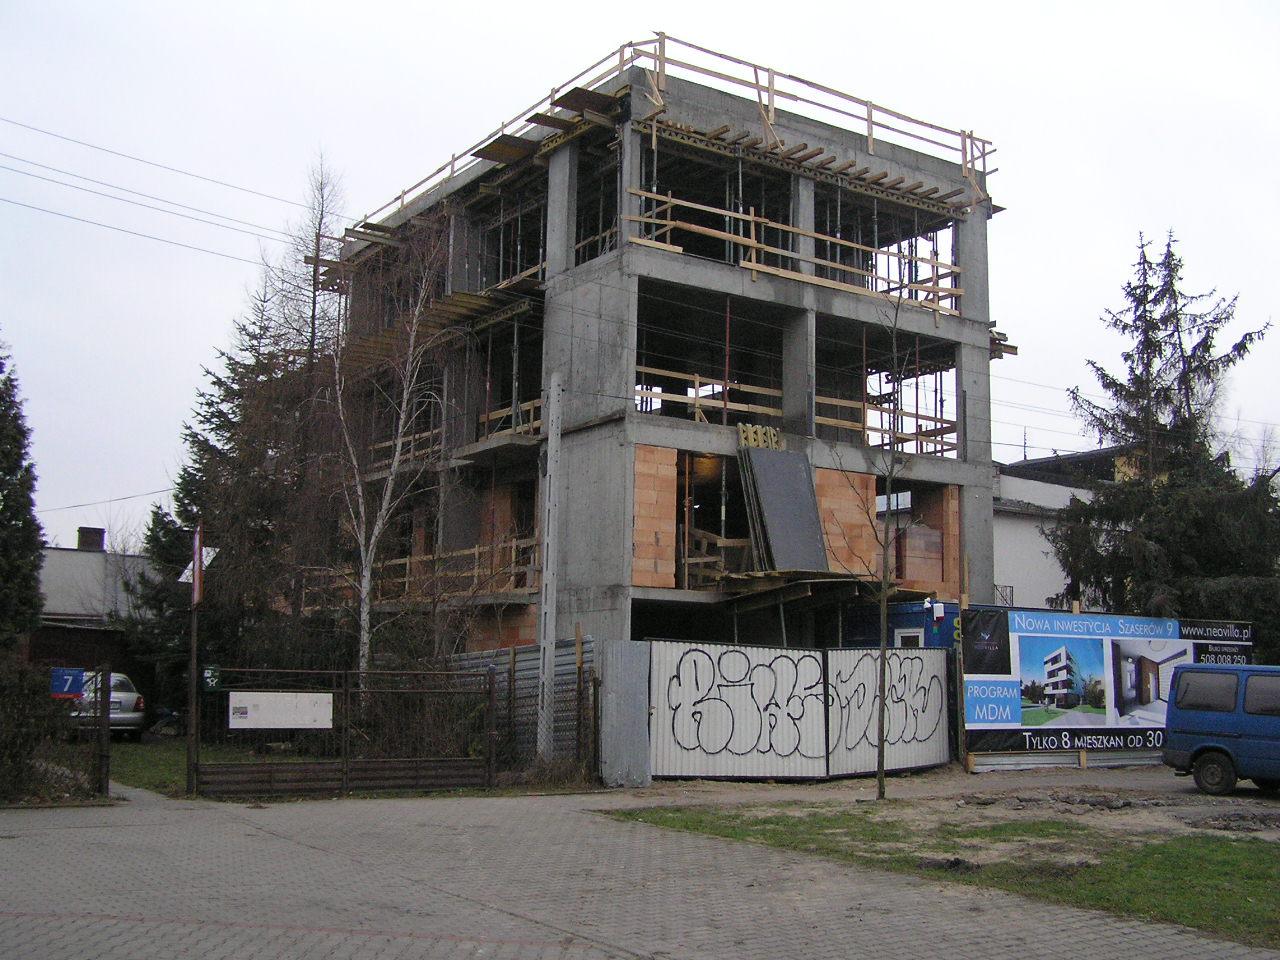 Szaserów 9 - kameralna inwestycja na Grochowie